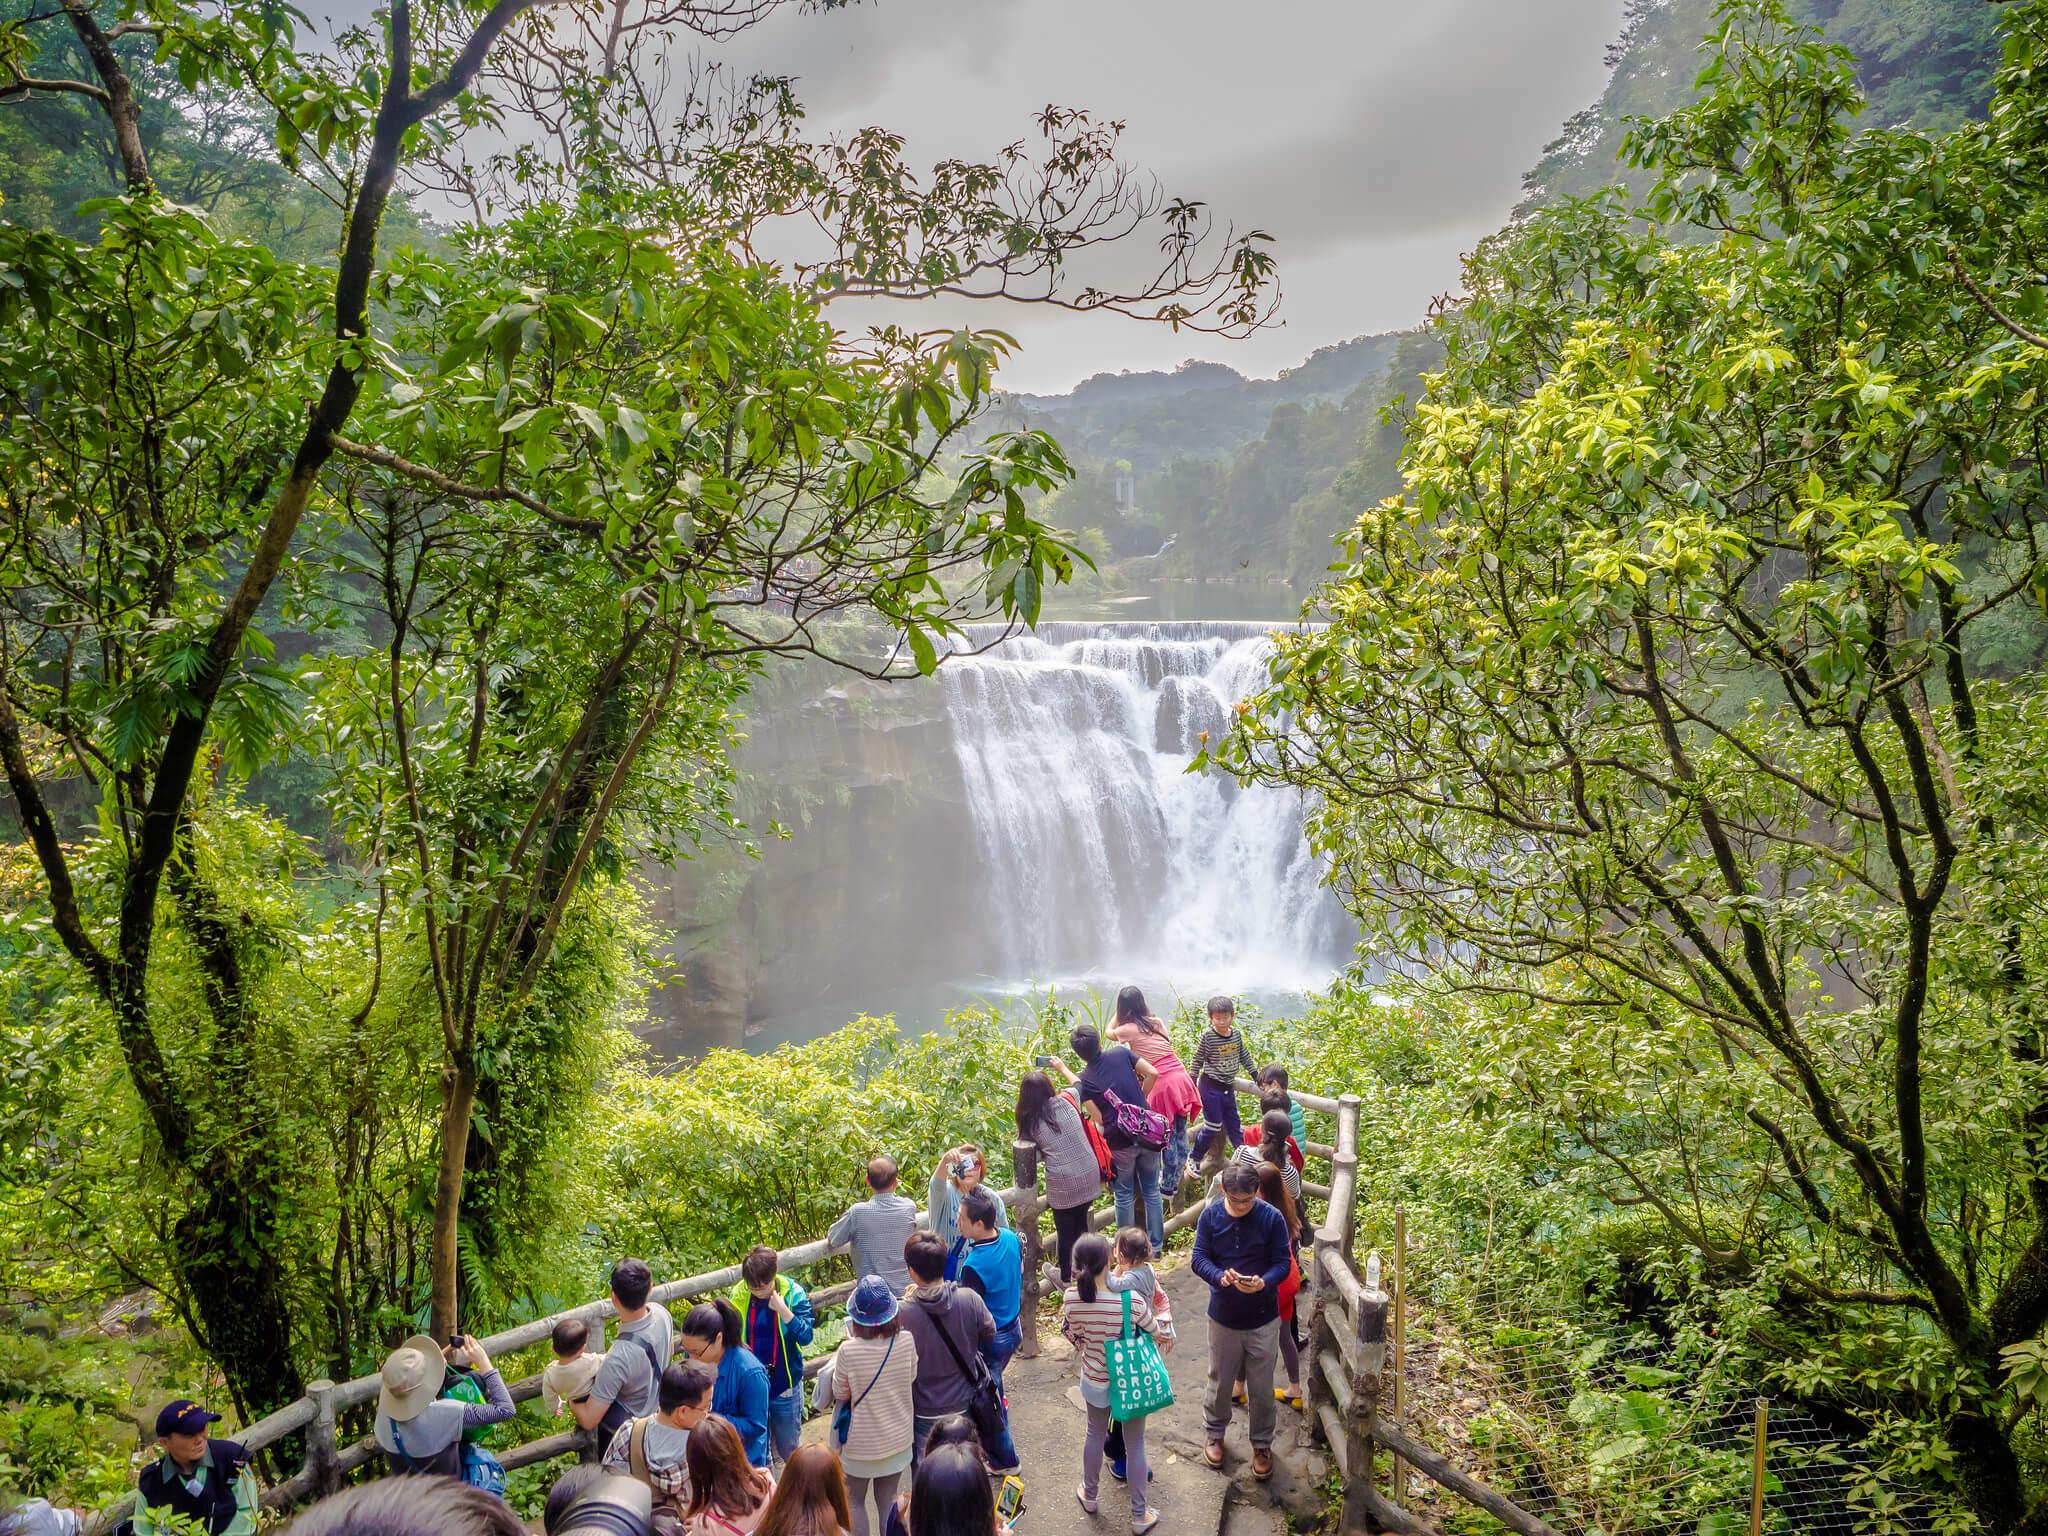 台湾のナイアガラ「十分瀑布」とは!?